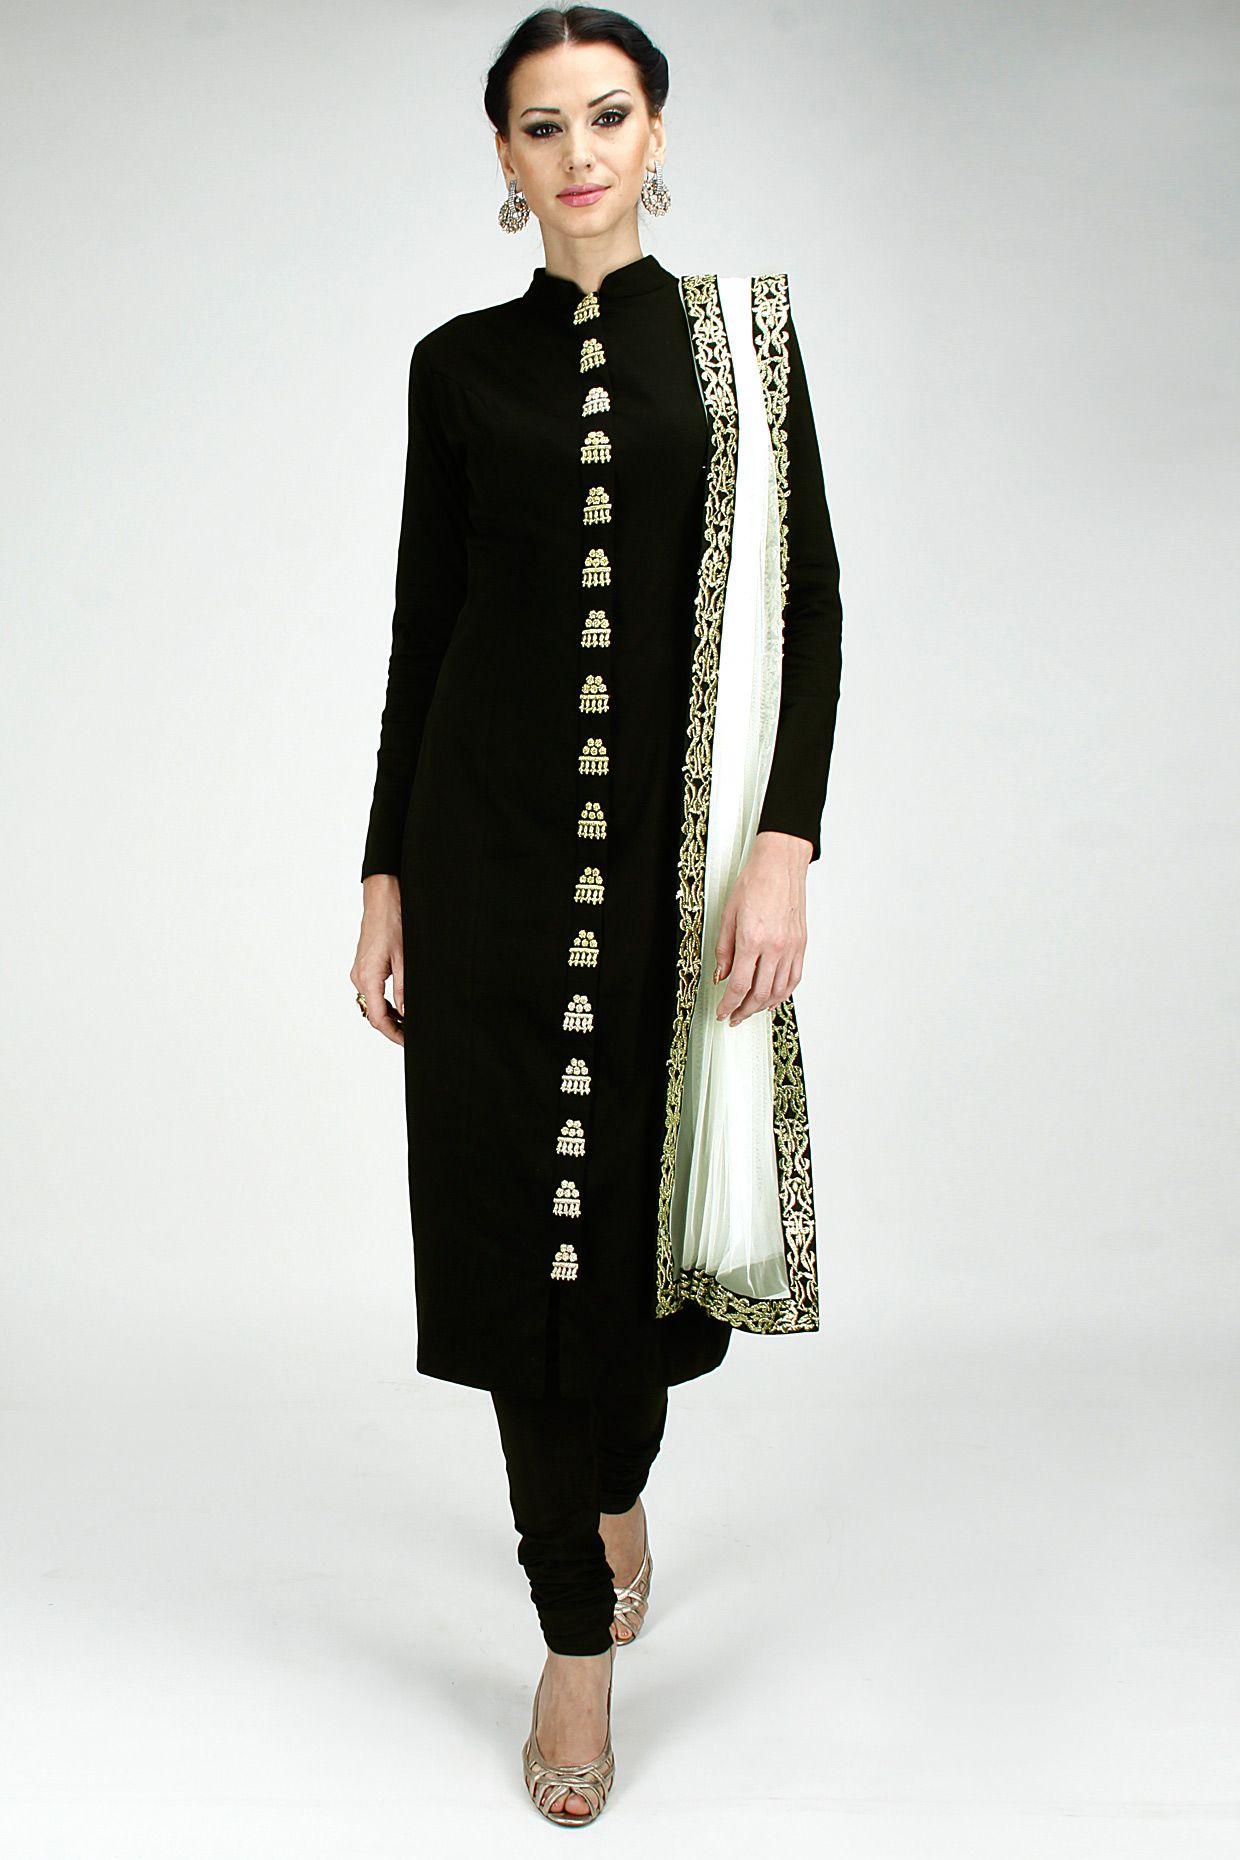 Eid Clothing